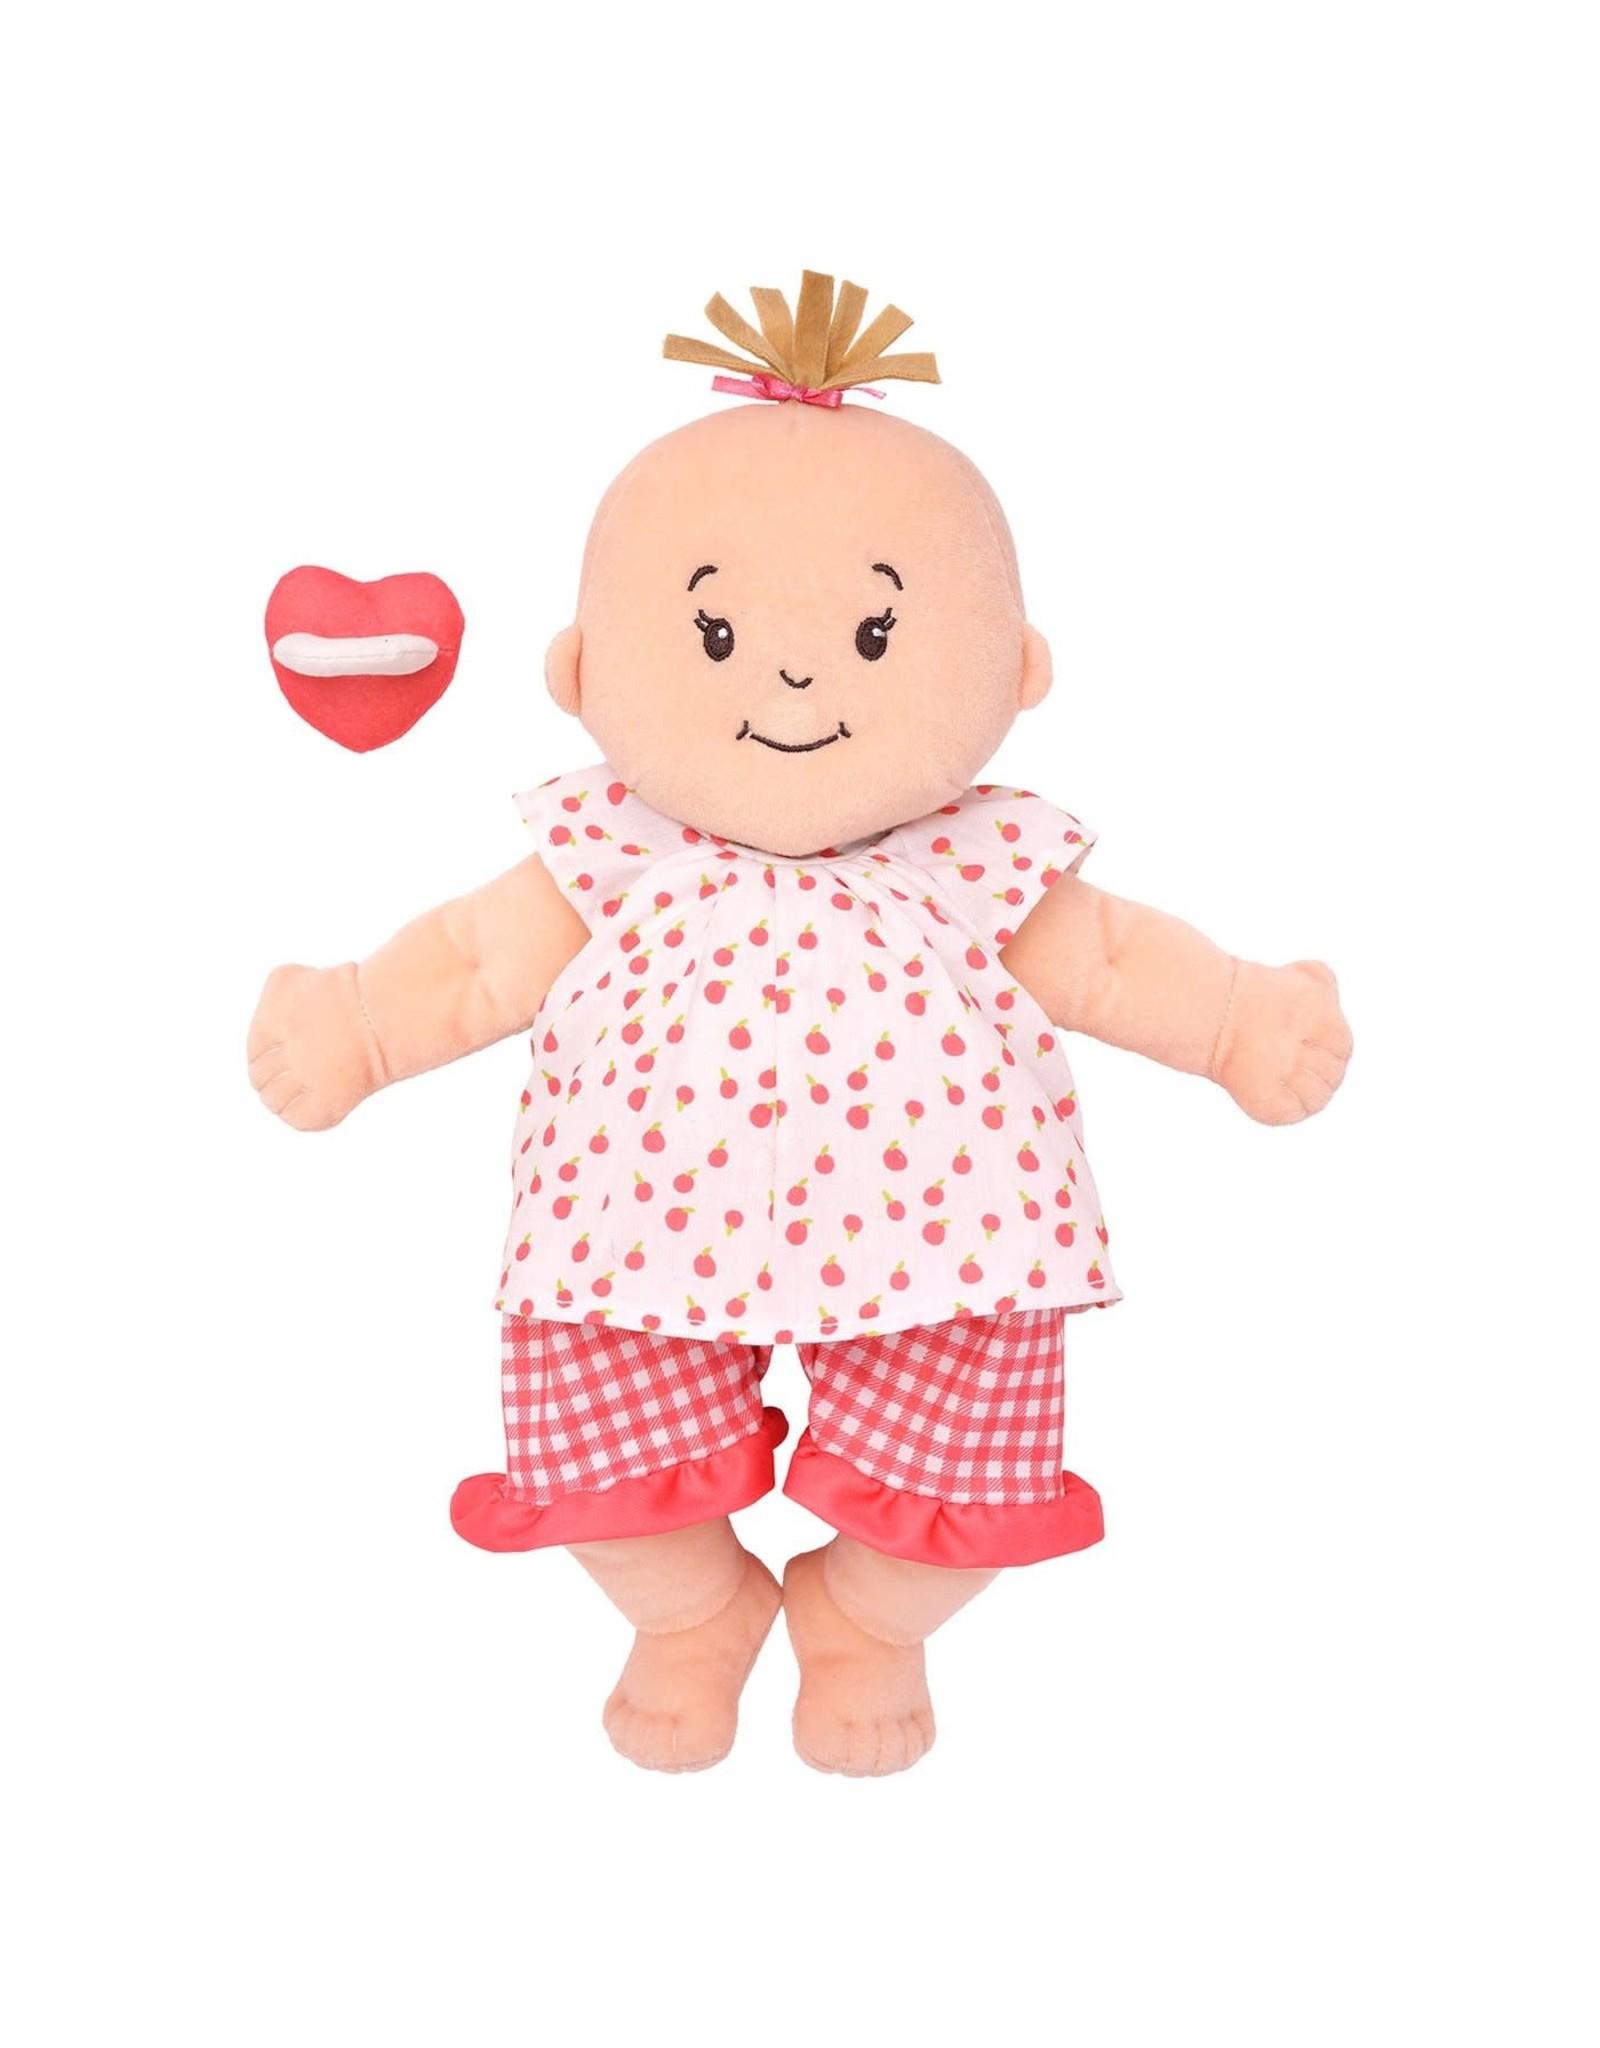 Baby Stella Baby Stella Peach with Light Brown Hair